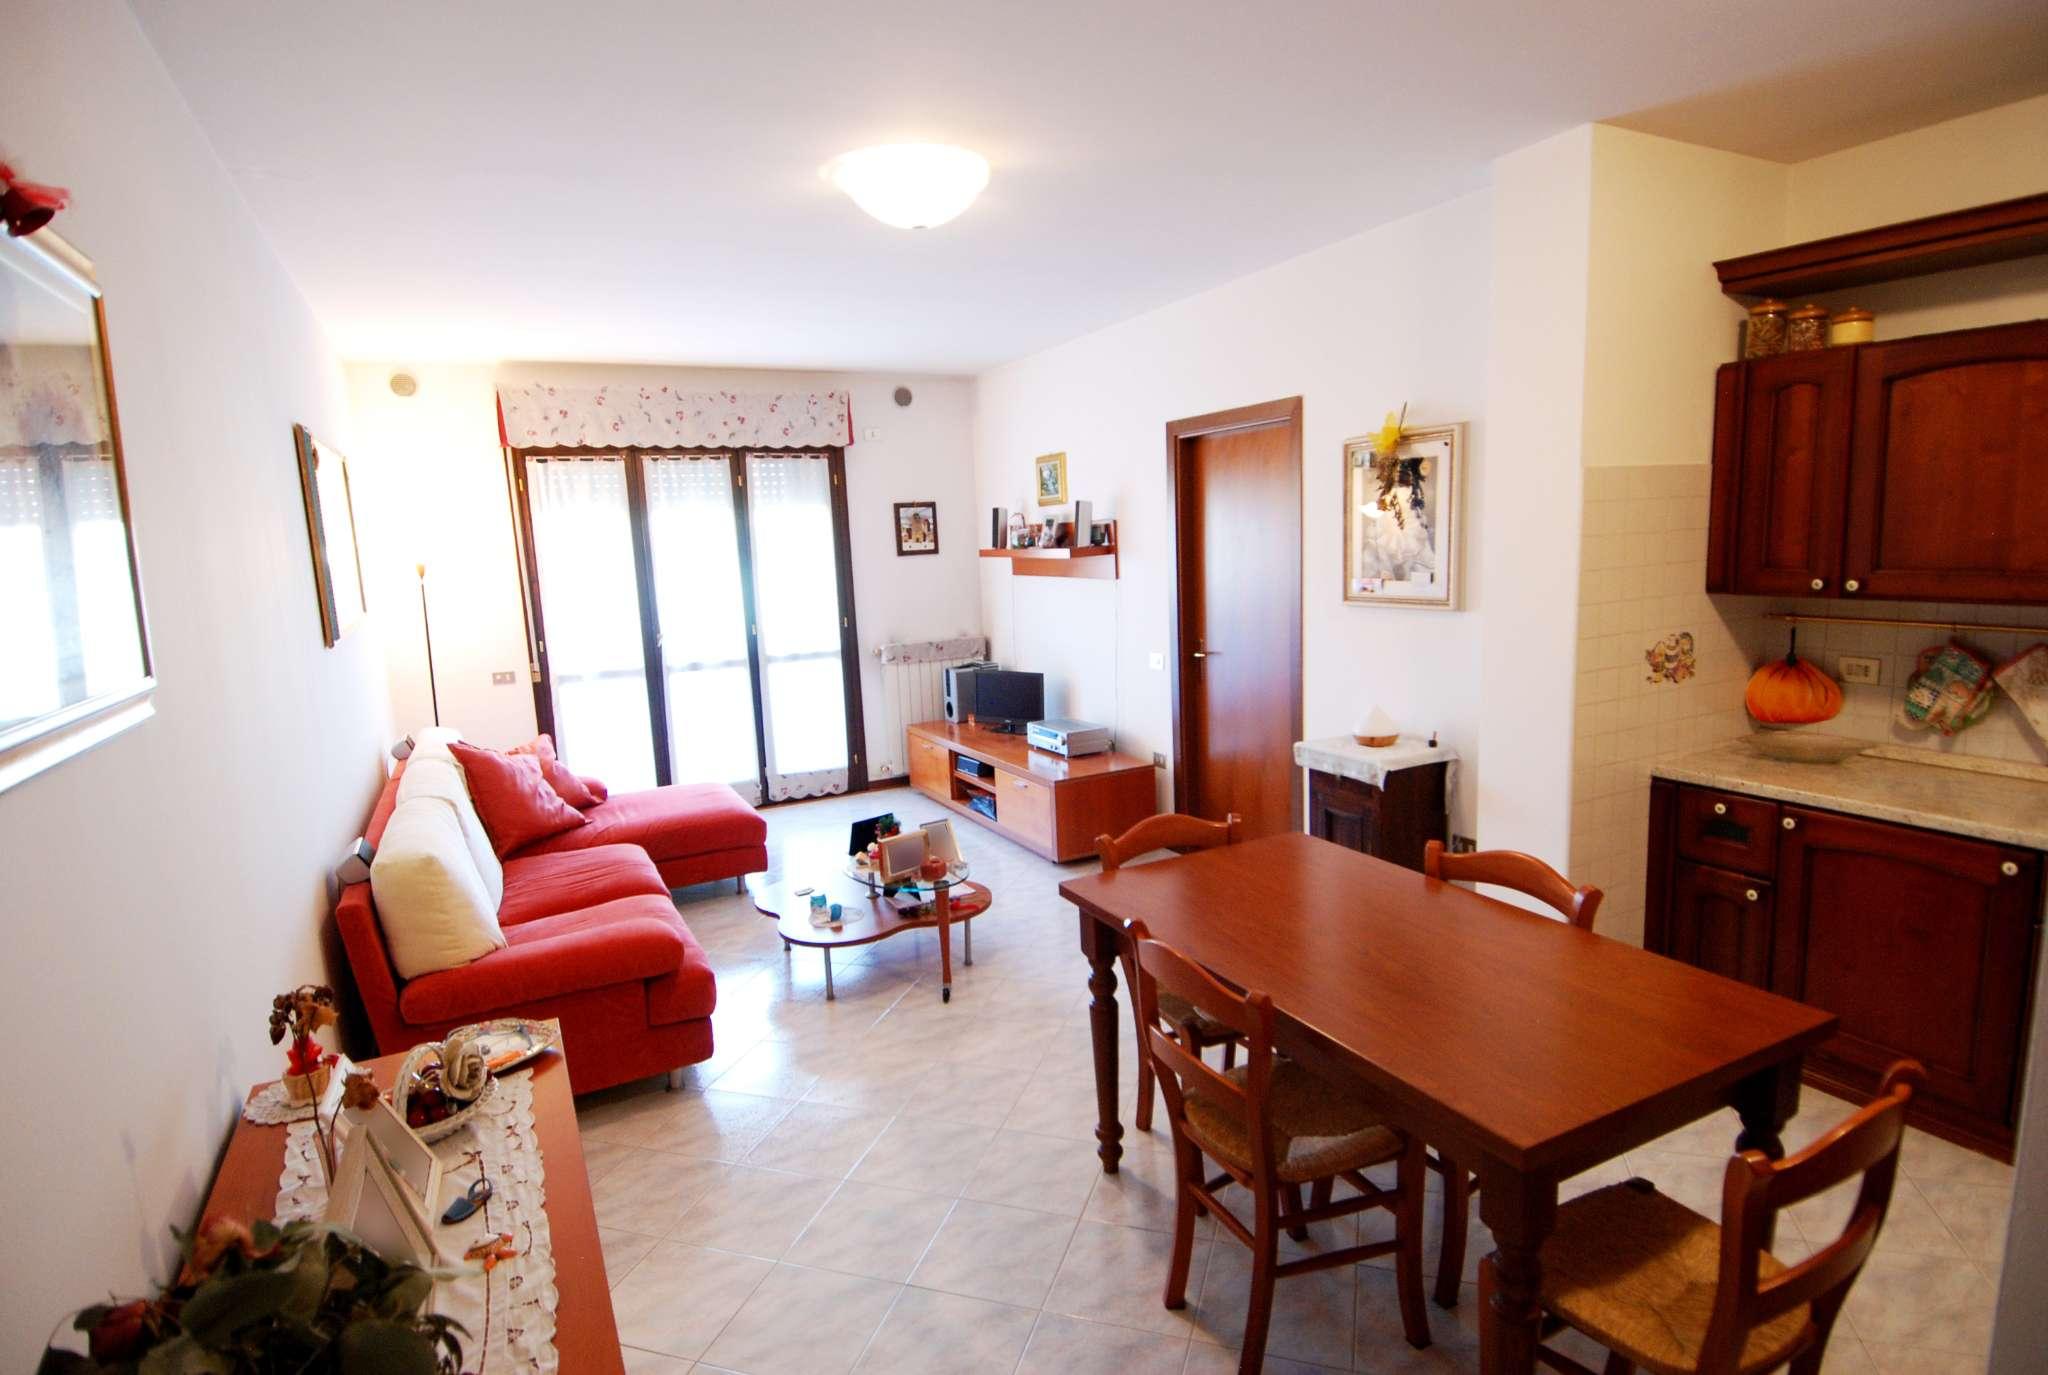 Appartamento in vendita a Mestrino, 3 locali, prezzo € 99.000 | PortaleAgenzieImmobiliari.it